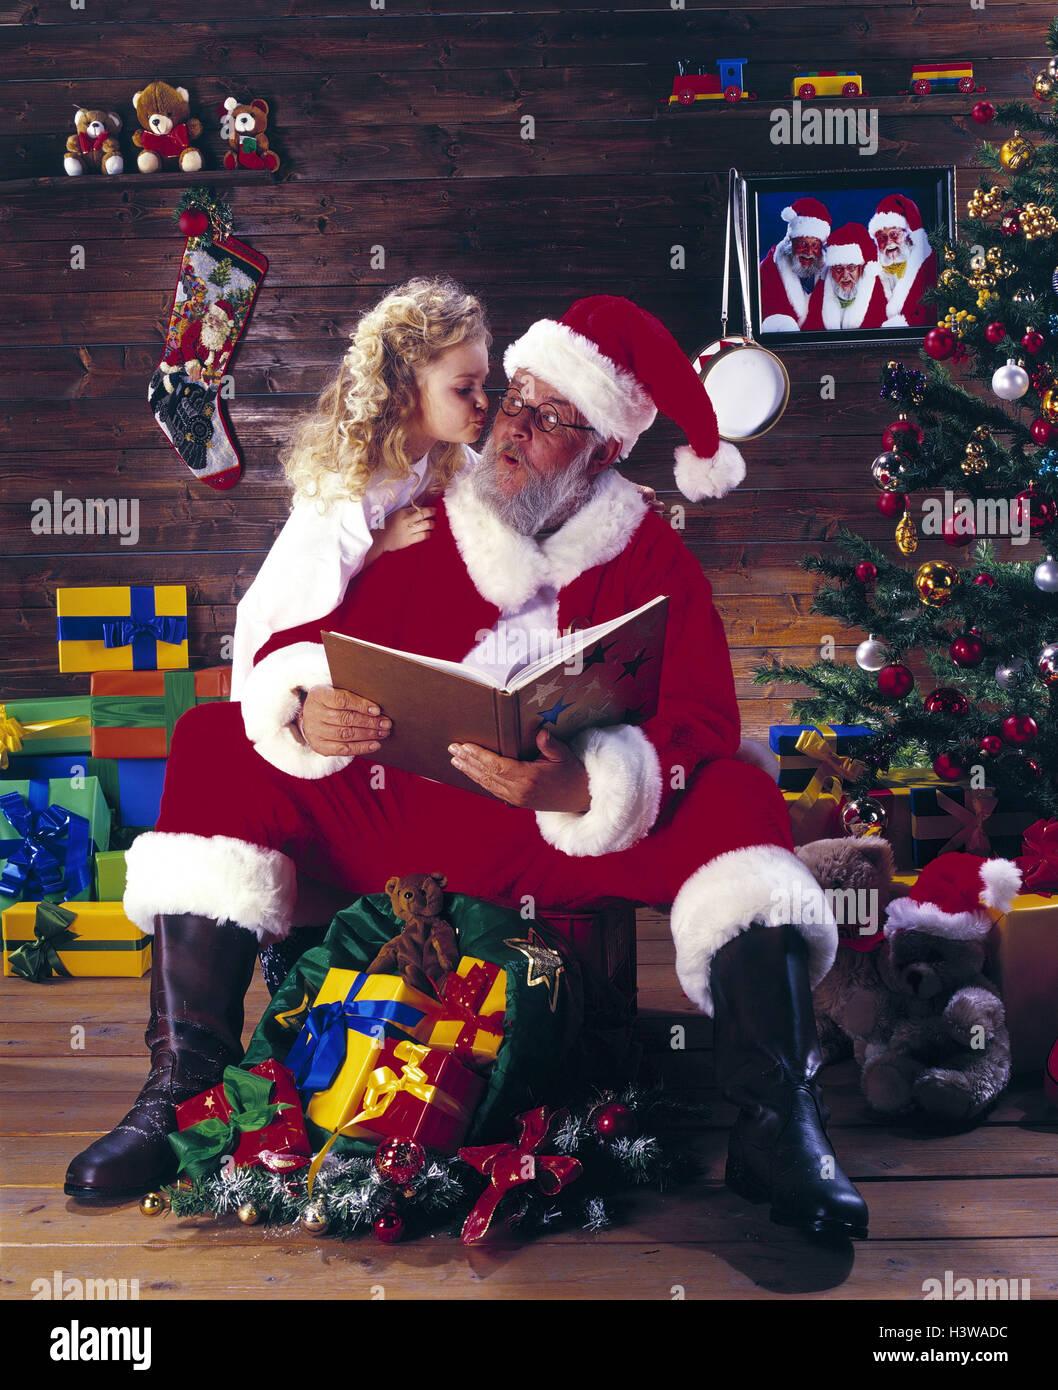 Geschichte Vom Weihnachtsbaum.Santa Claus Mädchen Kuss Buch Lesen Weihnachten Weihnachten